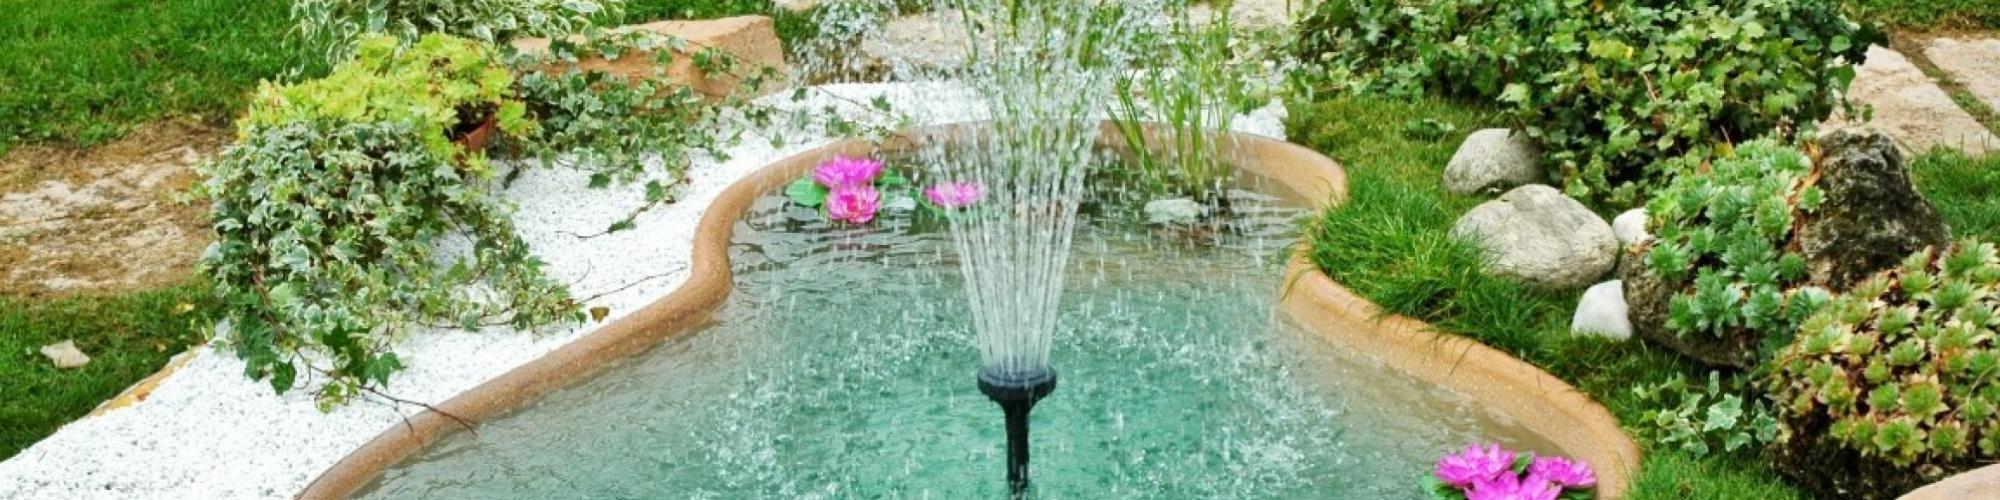 Laghetti e fontane da giardino girotti il mondo all 39 aperto - Laghetti da giardino fai da te ...